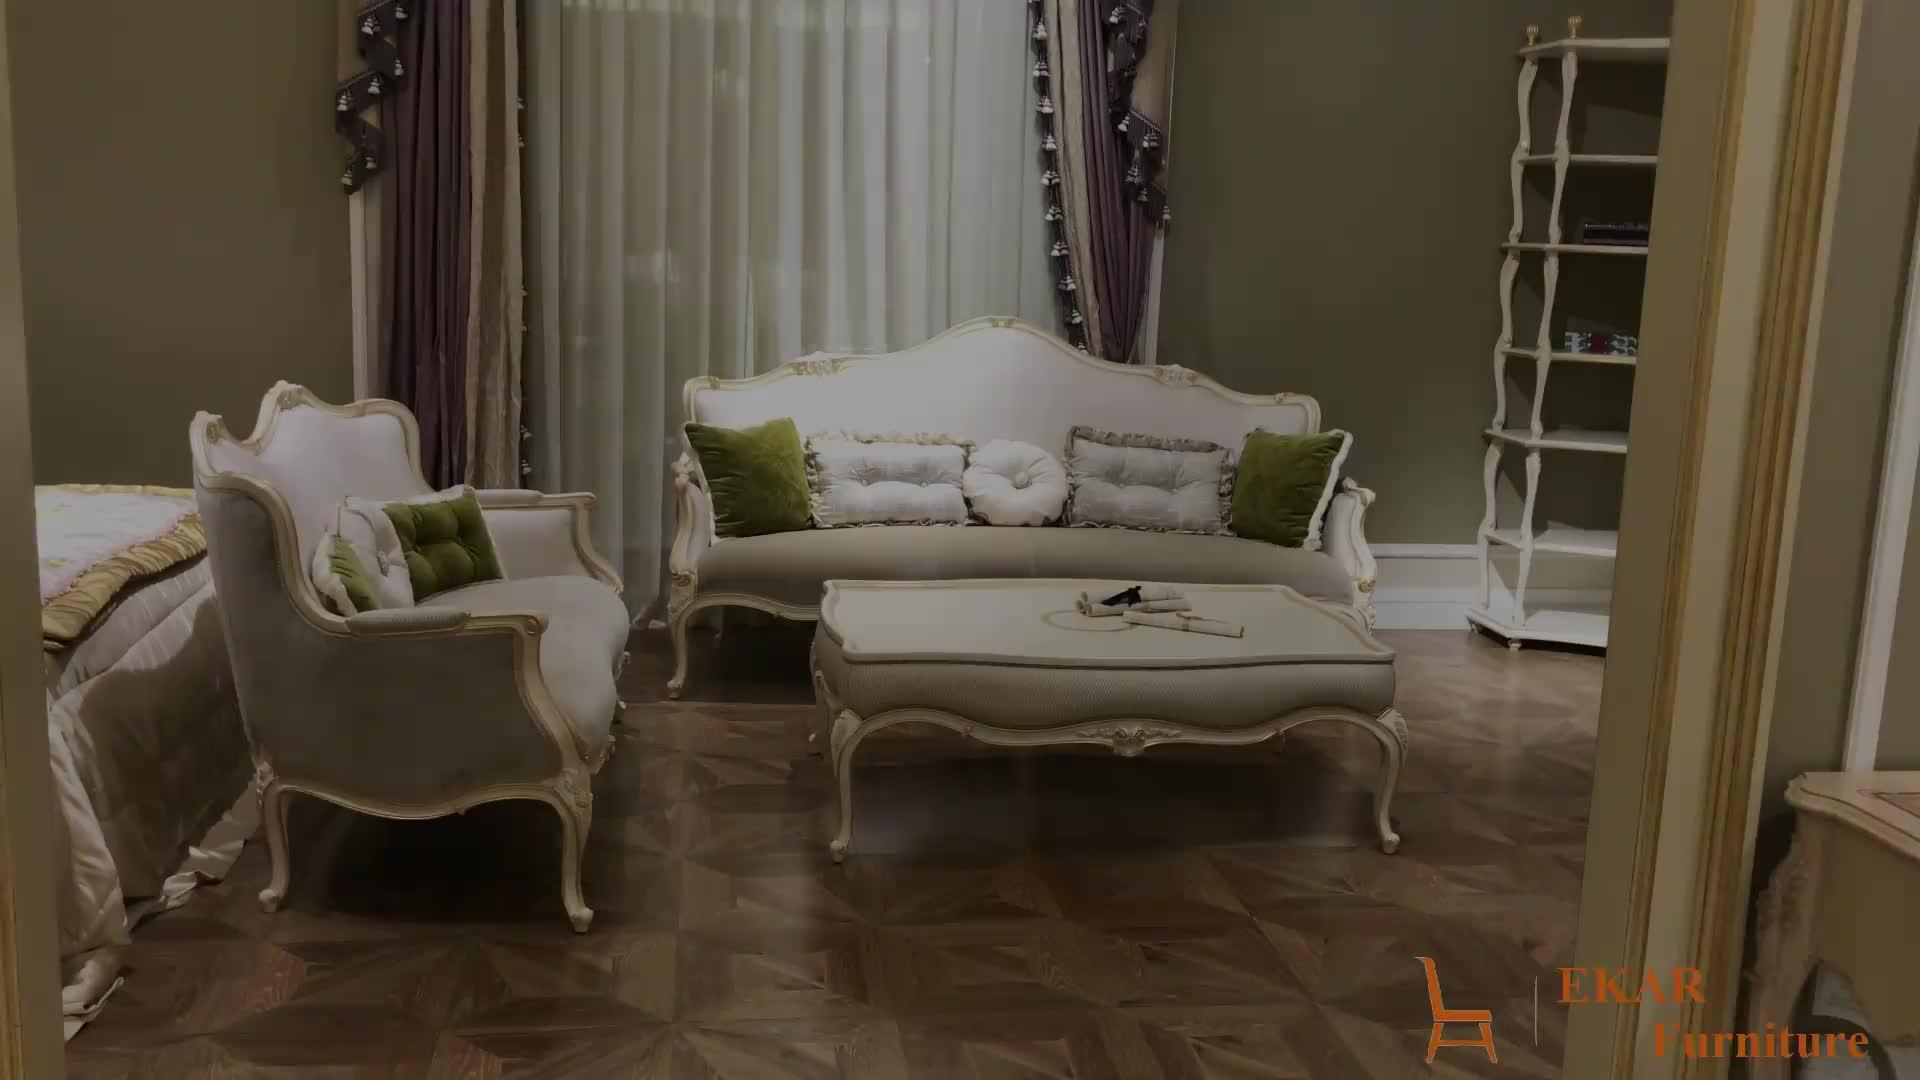 Elegant European Style Living Room Furniture Wooden Design Velvet HIgh End  Fabric Sofa